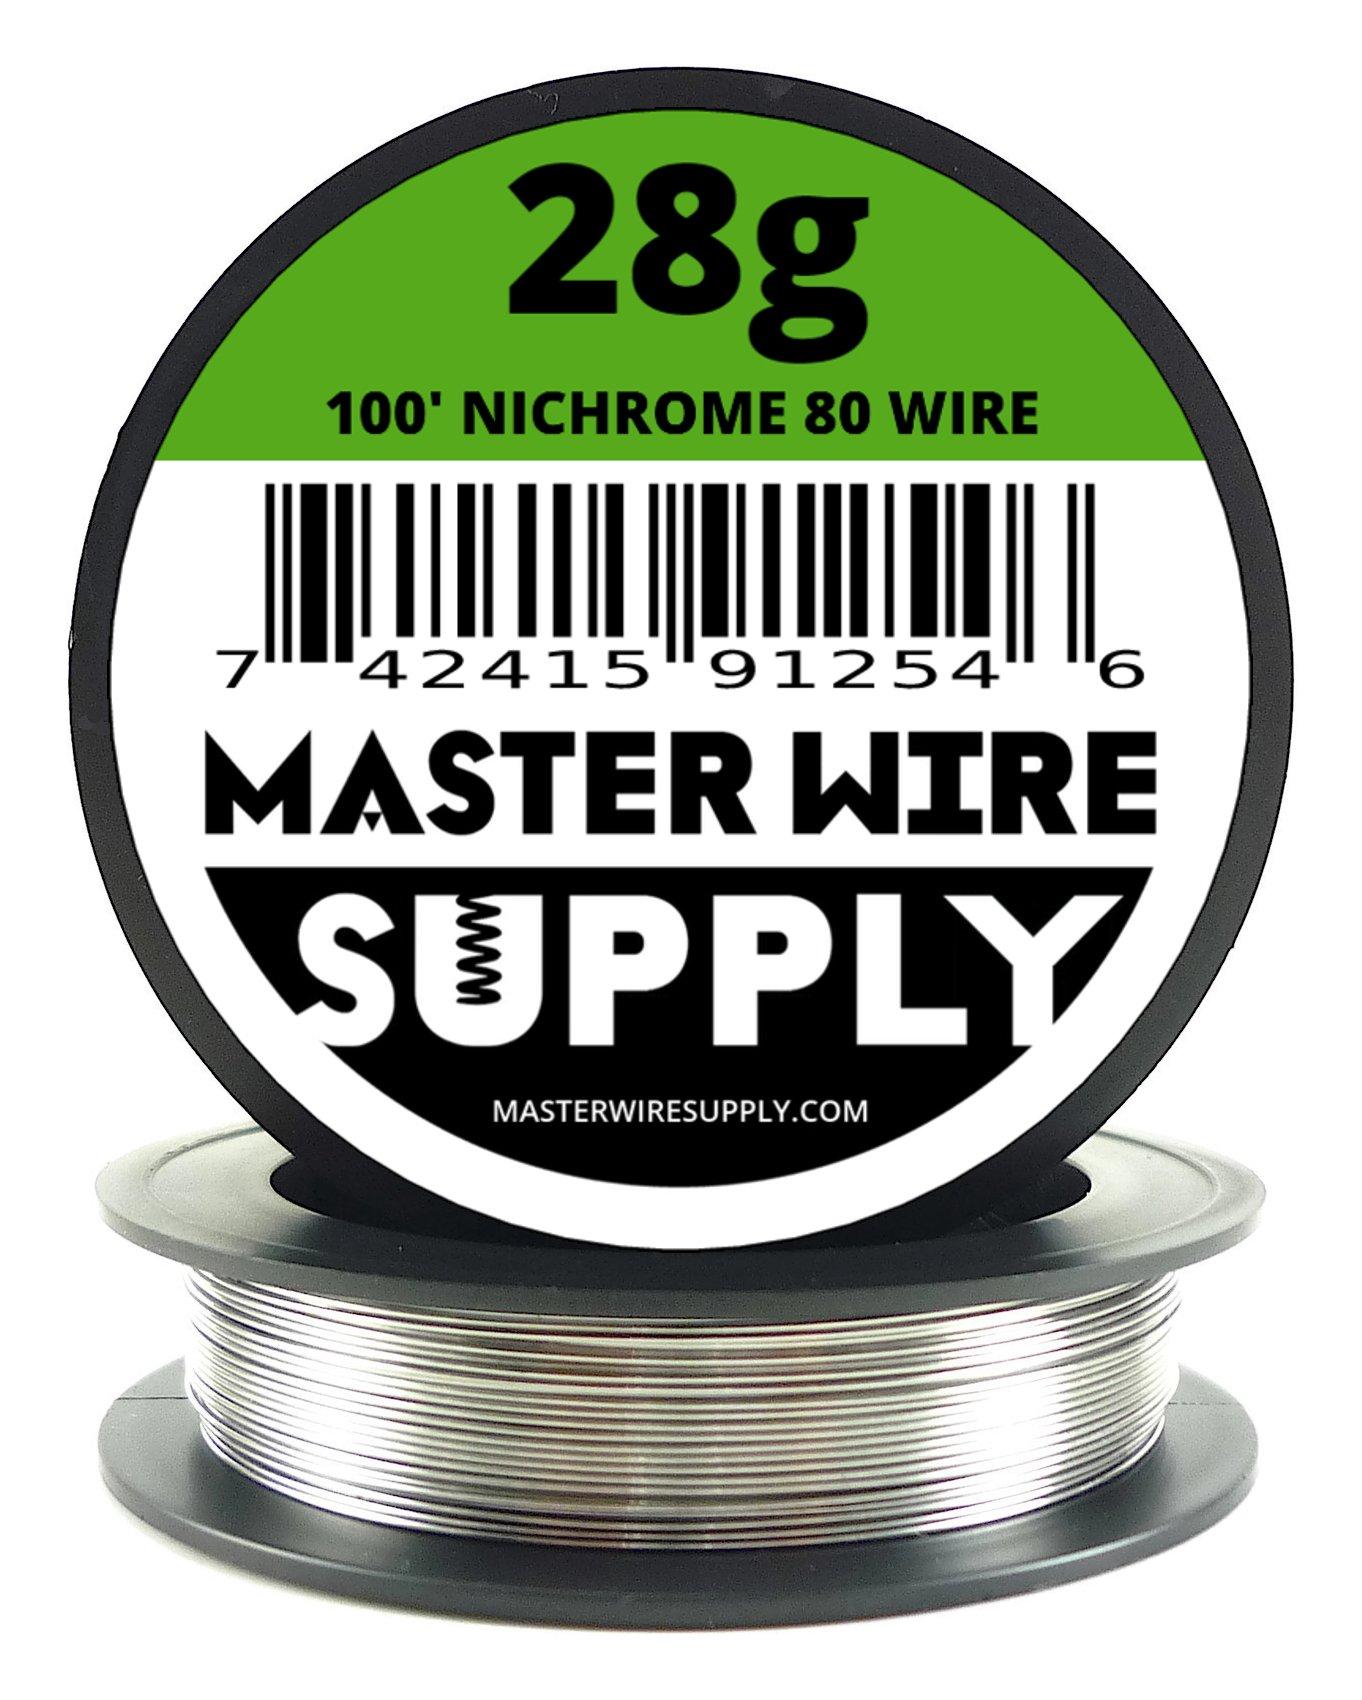 Nichrome 80-100' - 28 Gauge Resistance Wire